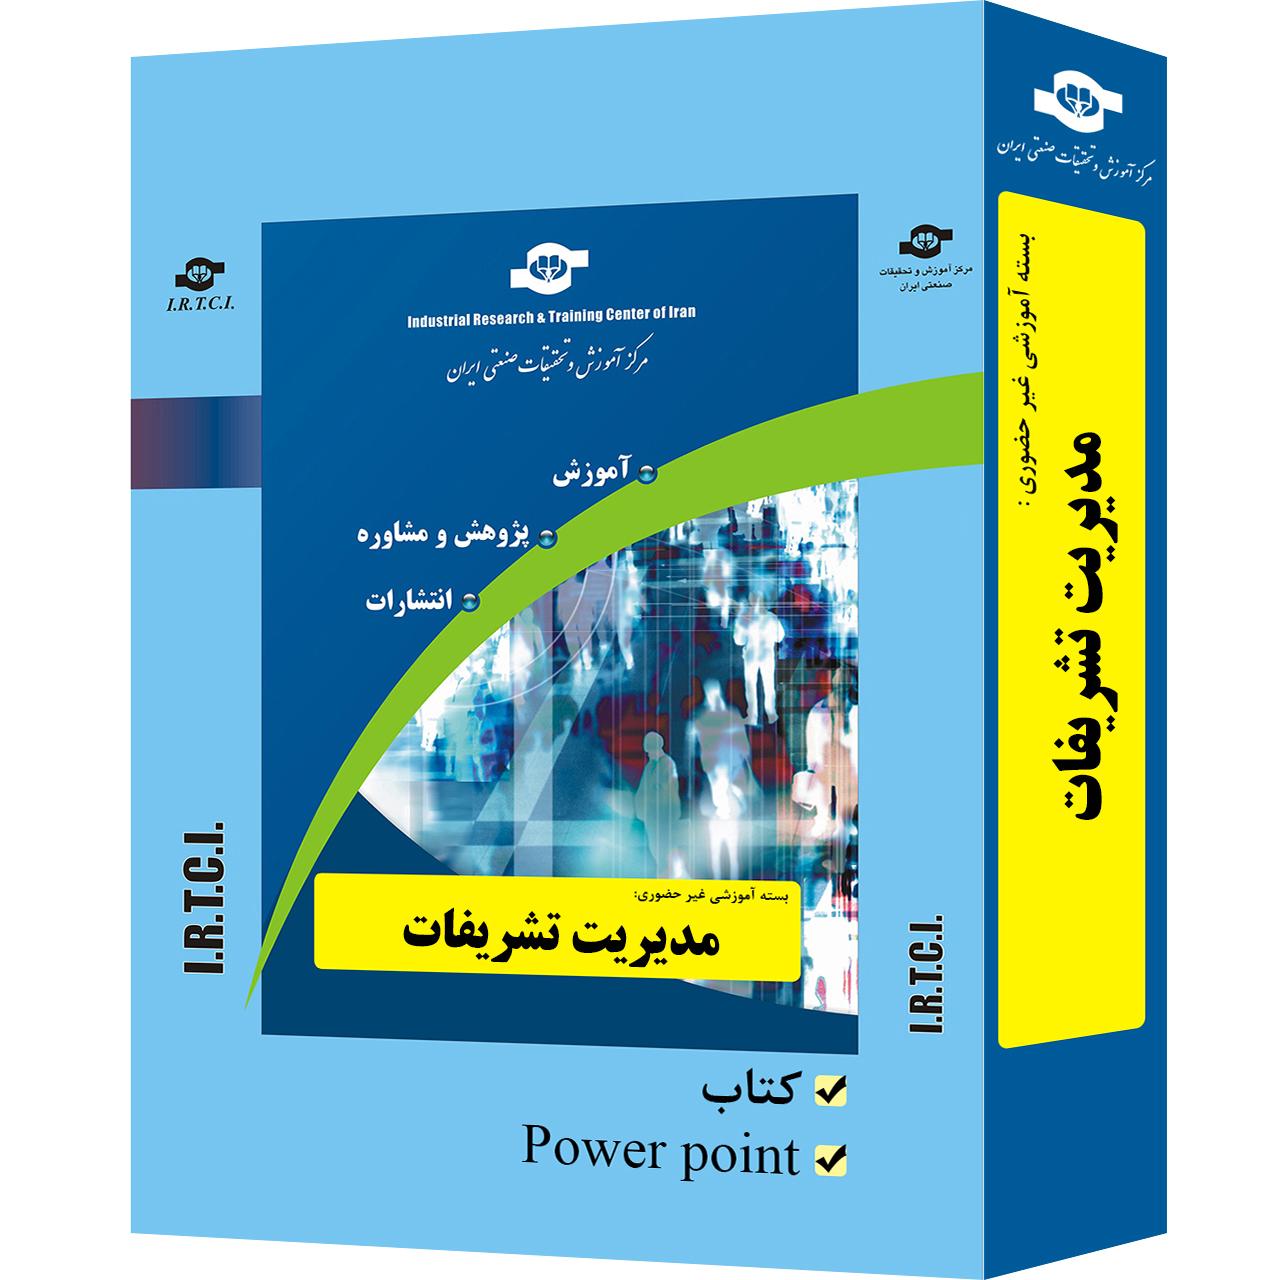 بسته آموزشی غیر حضوری مدیریت تشریفات  تدوین مرکز آموزش و تحقیقات صنعتی ایران